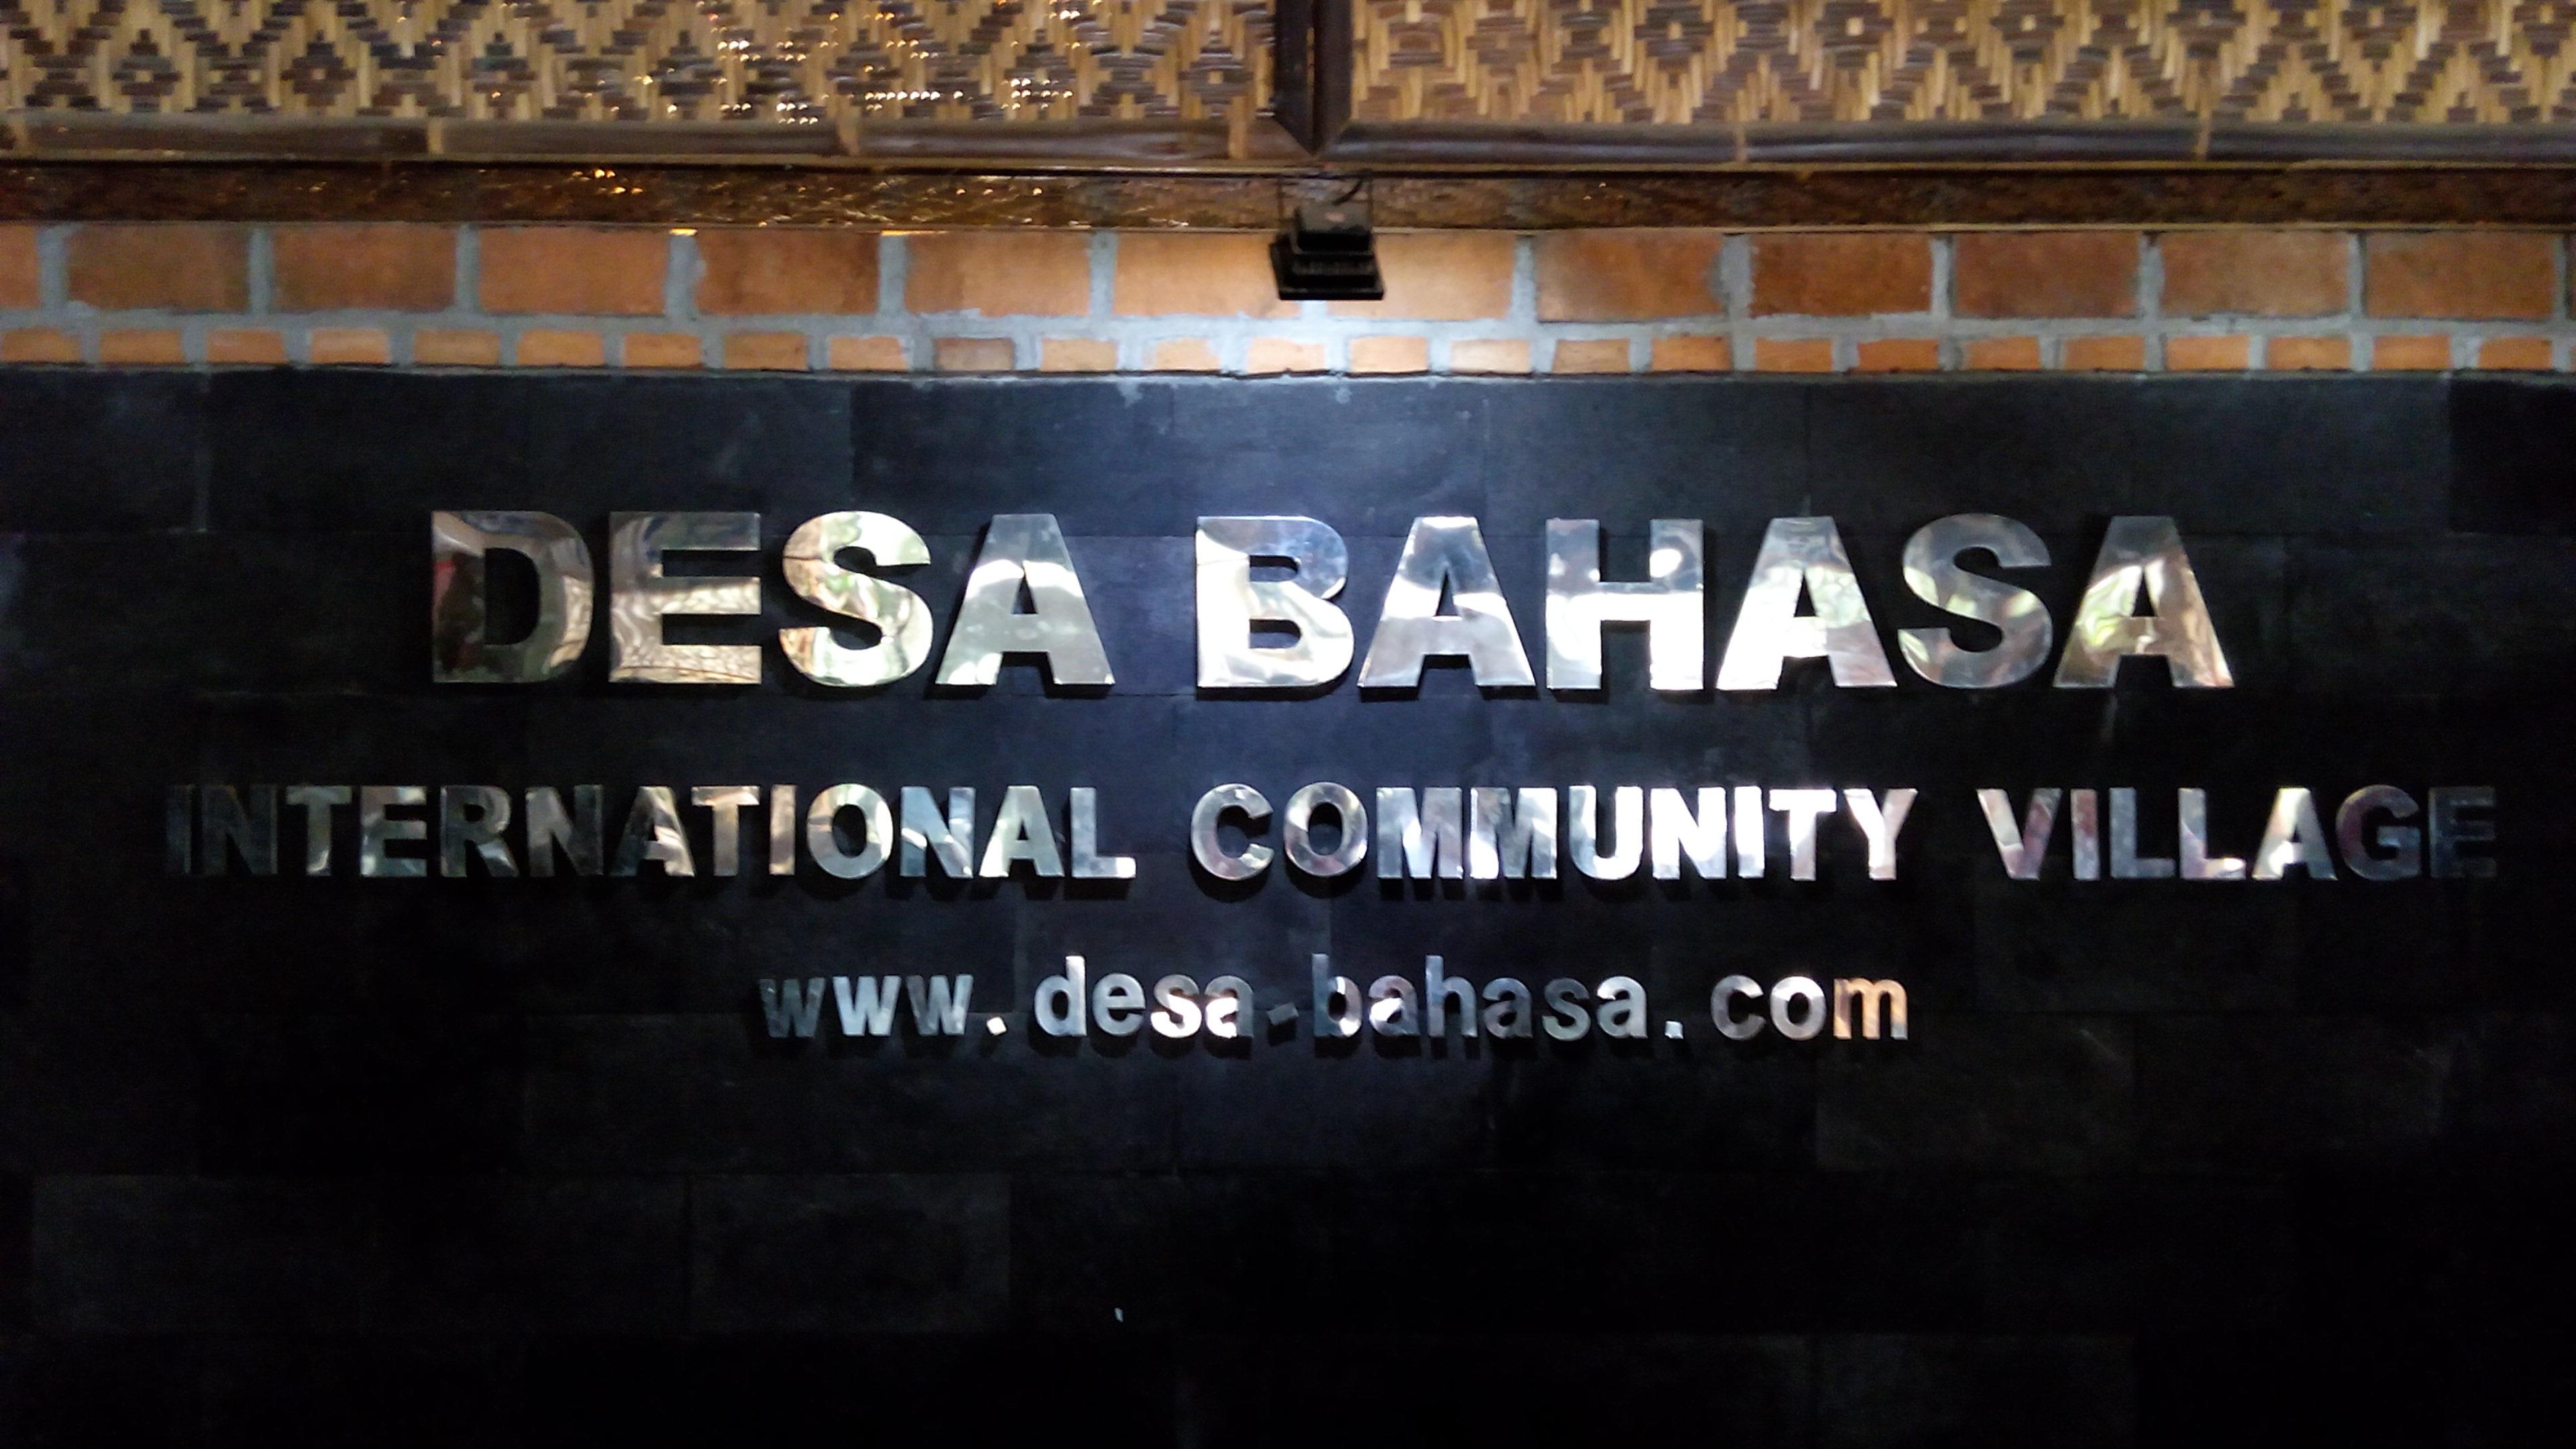 Belajar Bahasa Inggris di Desa Bahasa Borobudur